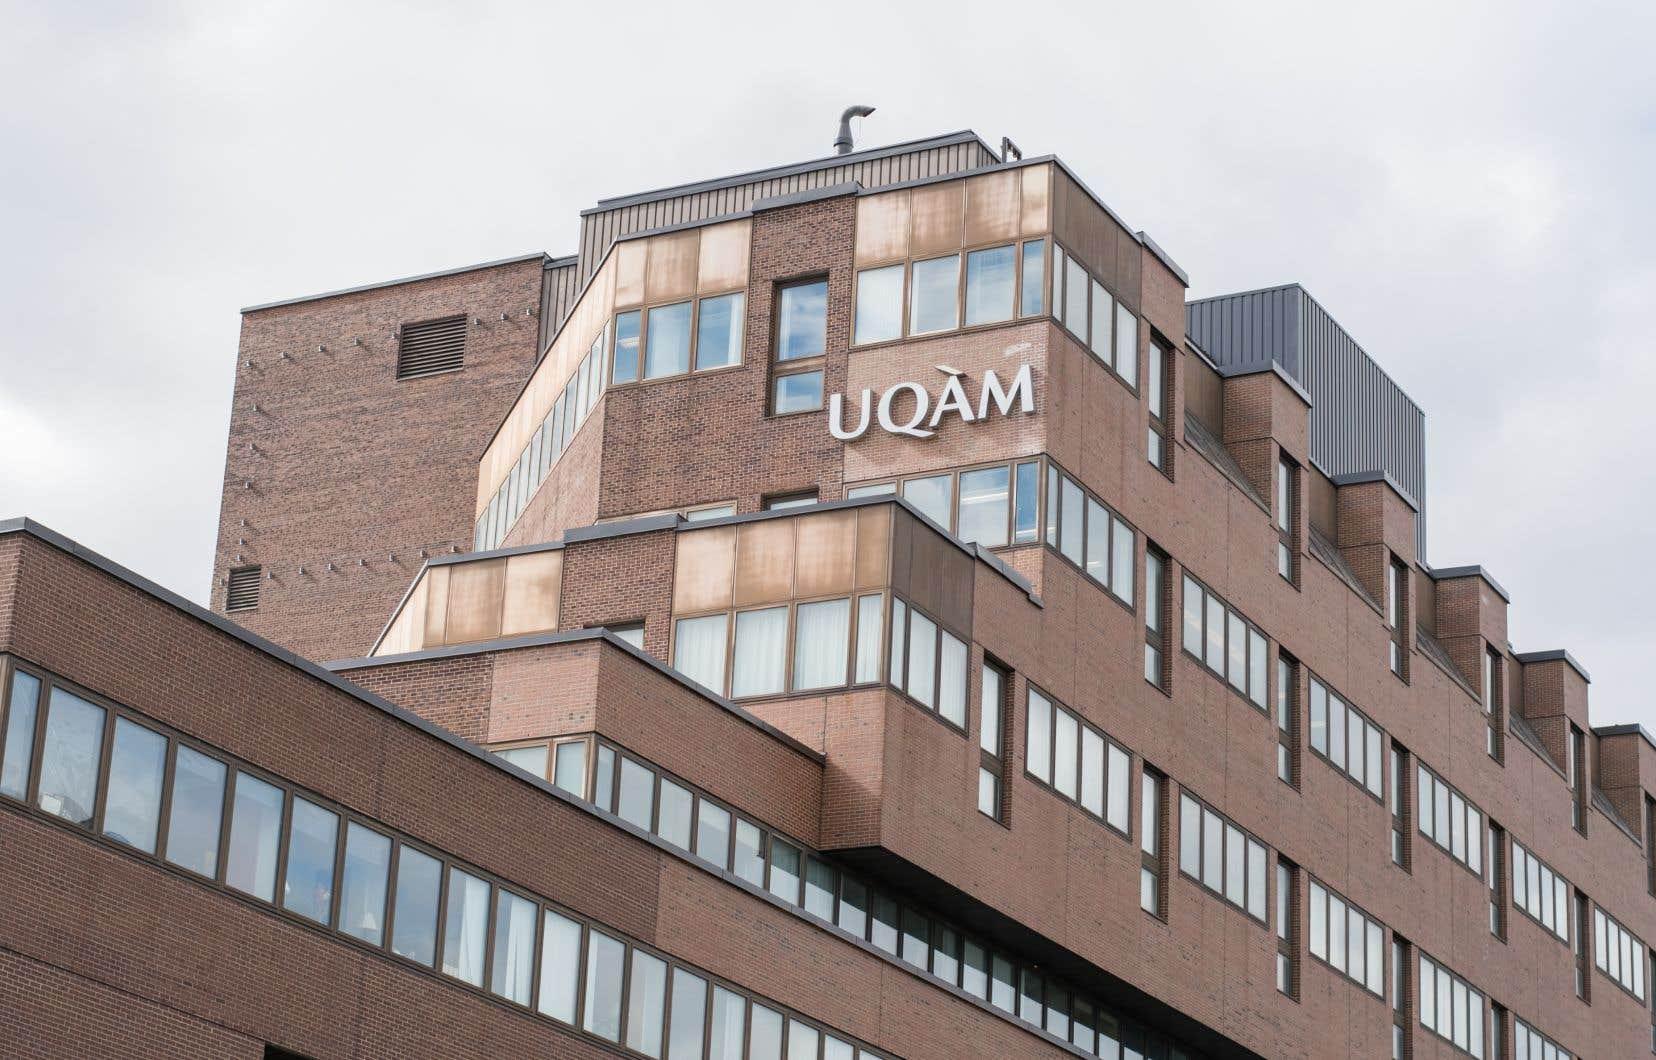 «La liberté d'expression, qui est une valeur chère à l'UQAM, ne justifie pas de telles atteintes», avait indiqué dimanche une porte-parole de l'UQAM.